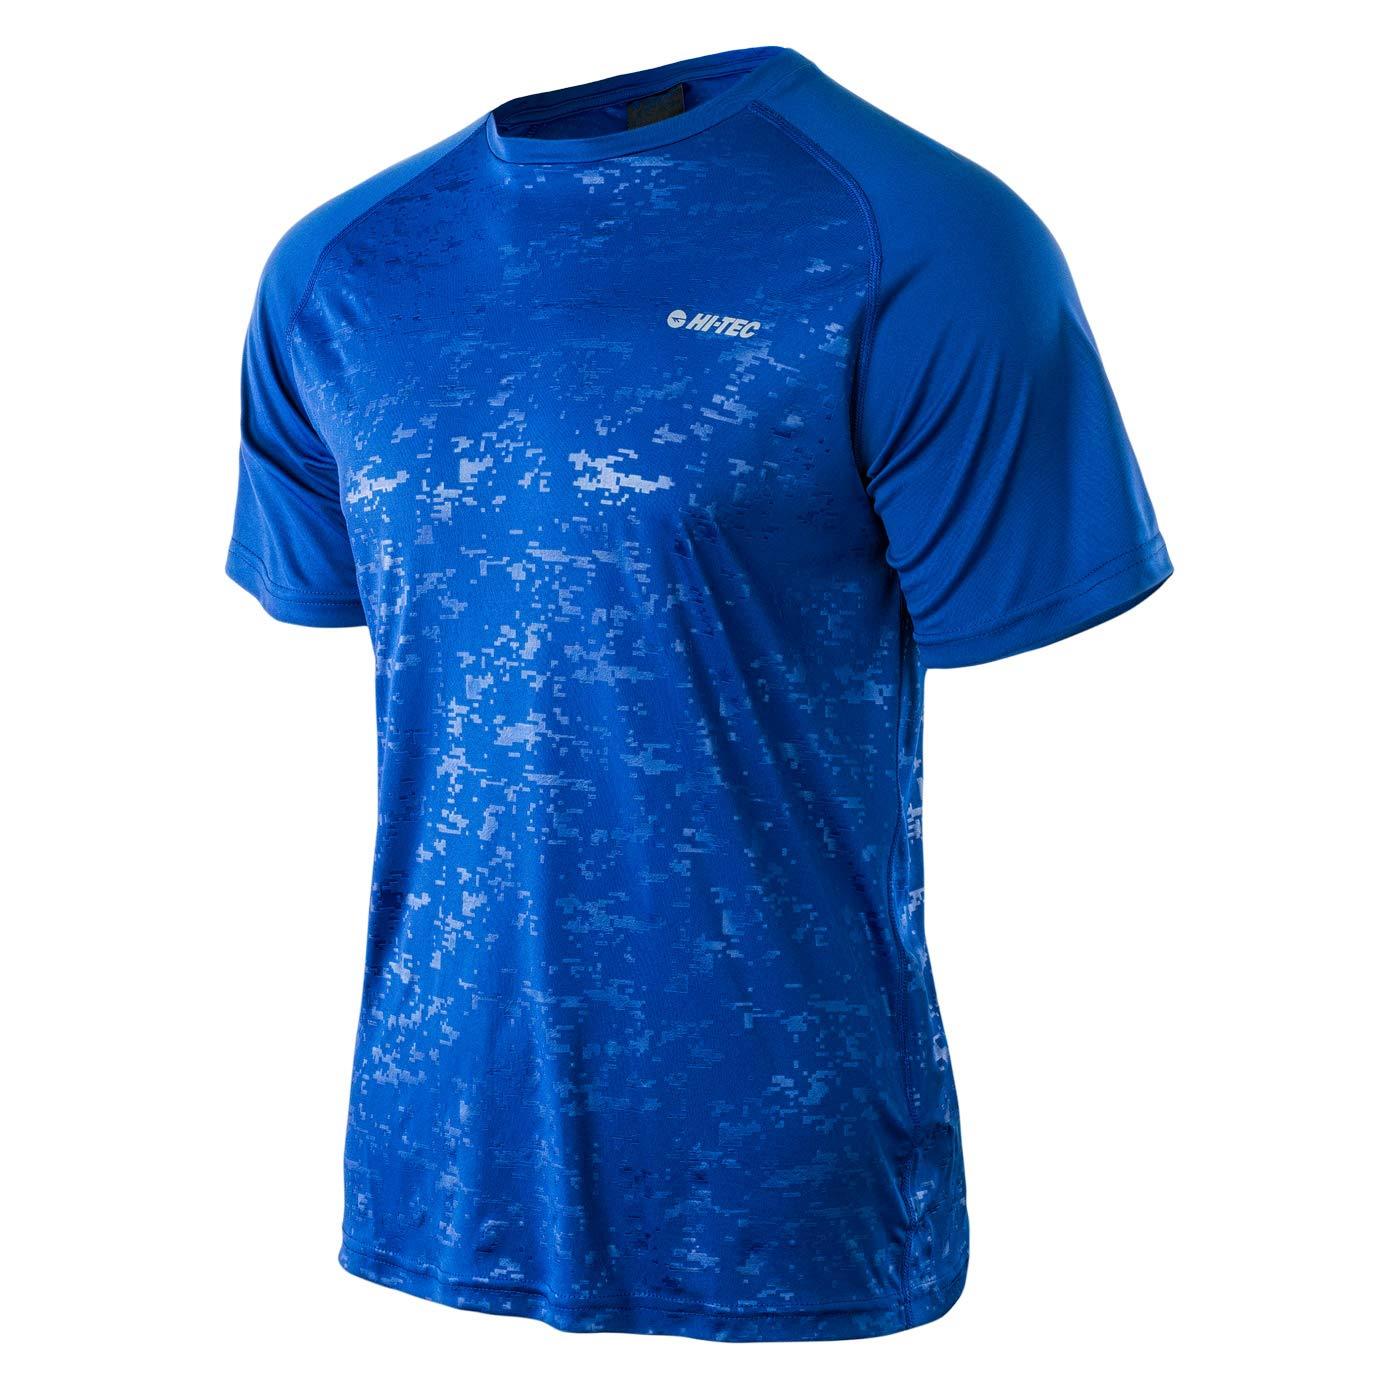 Hi-Tec Herren Deran Funktions T-Shirt